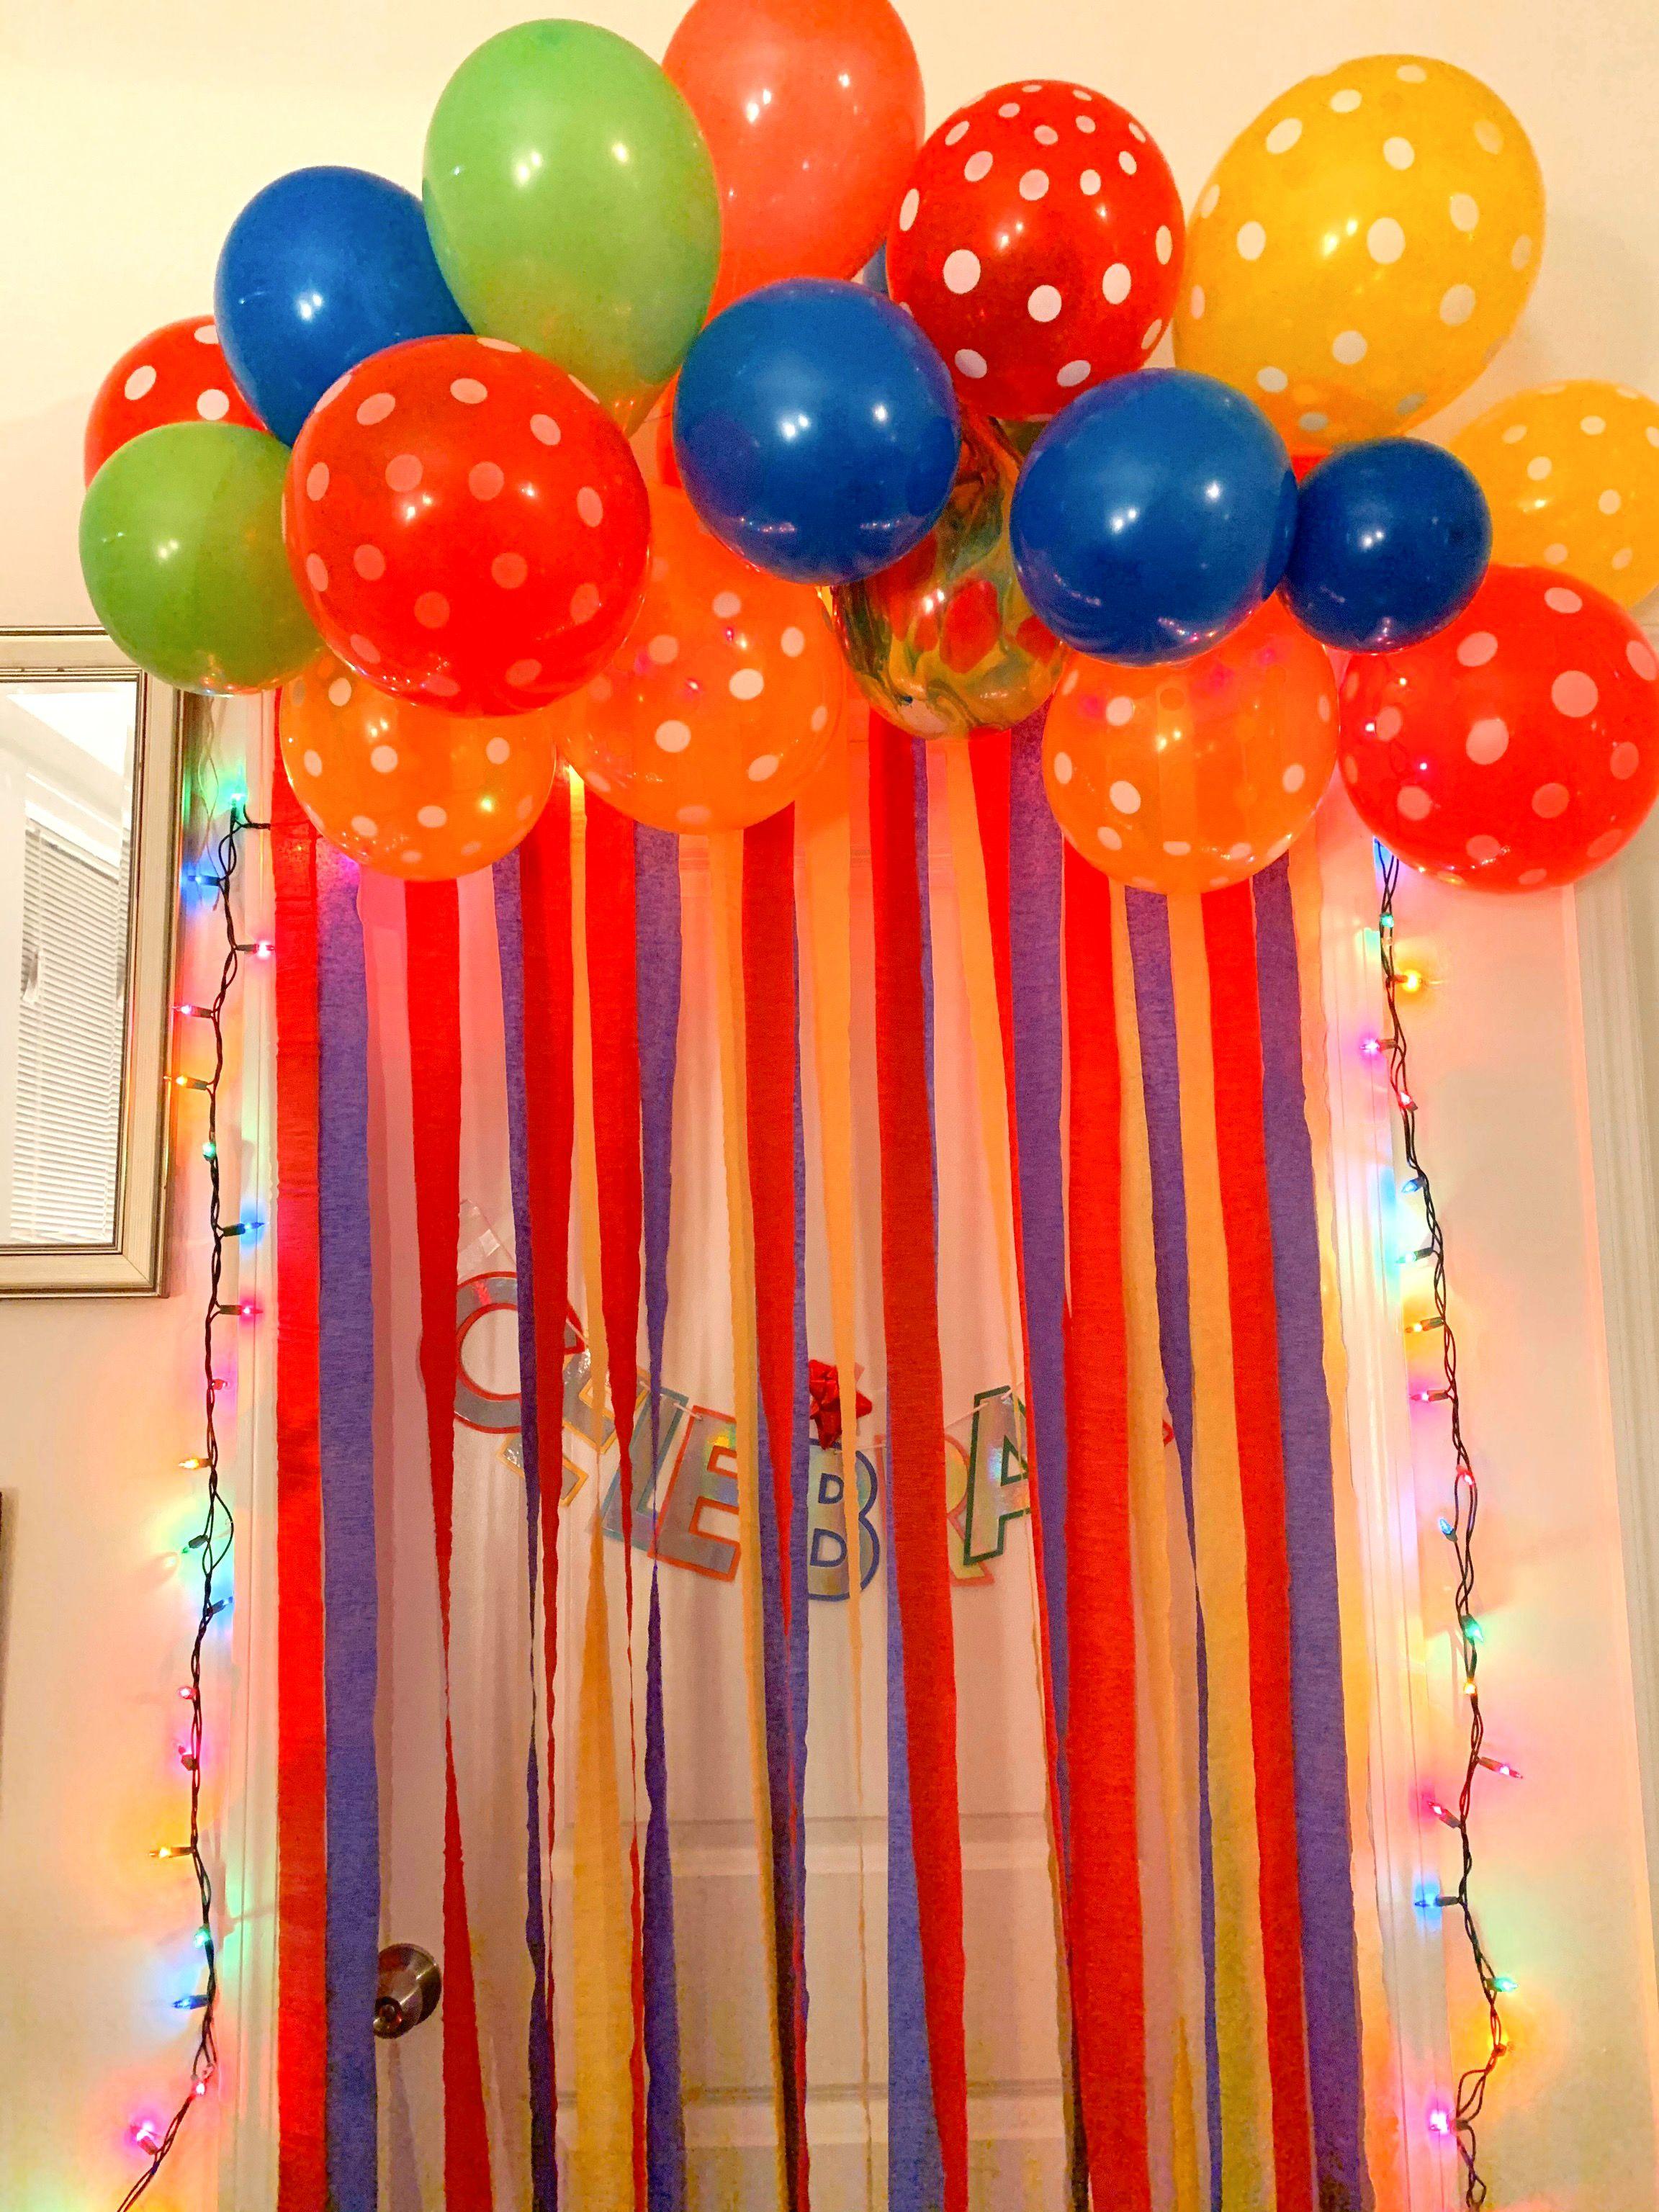 Birthday Bedroom Door Decor Birthday Door Decorations Surprise Birthday Decorations Birthday Morning